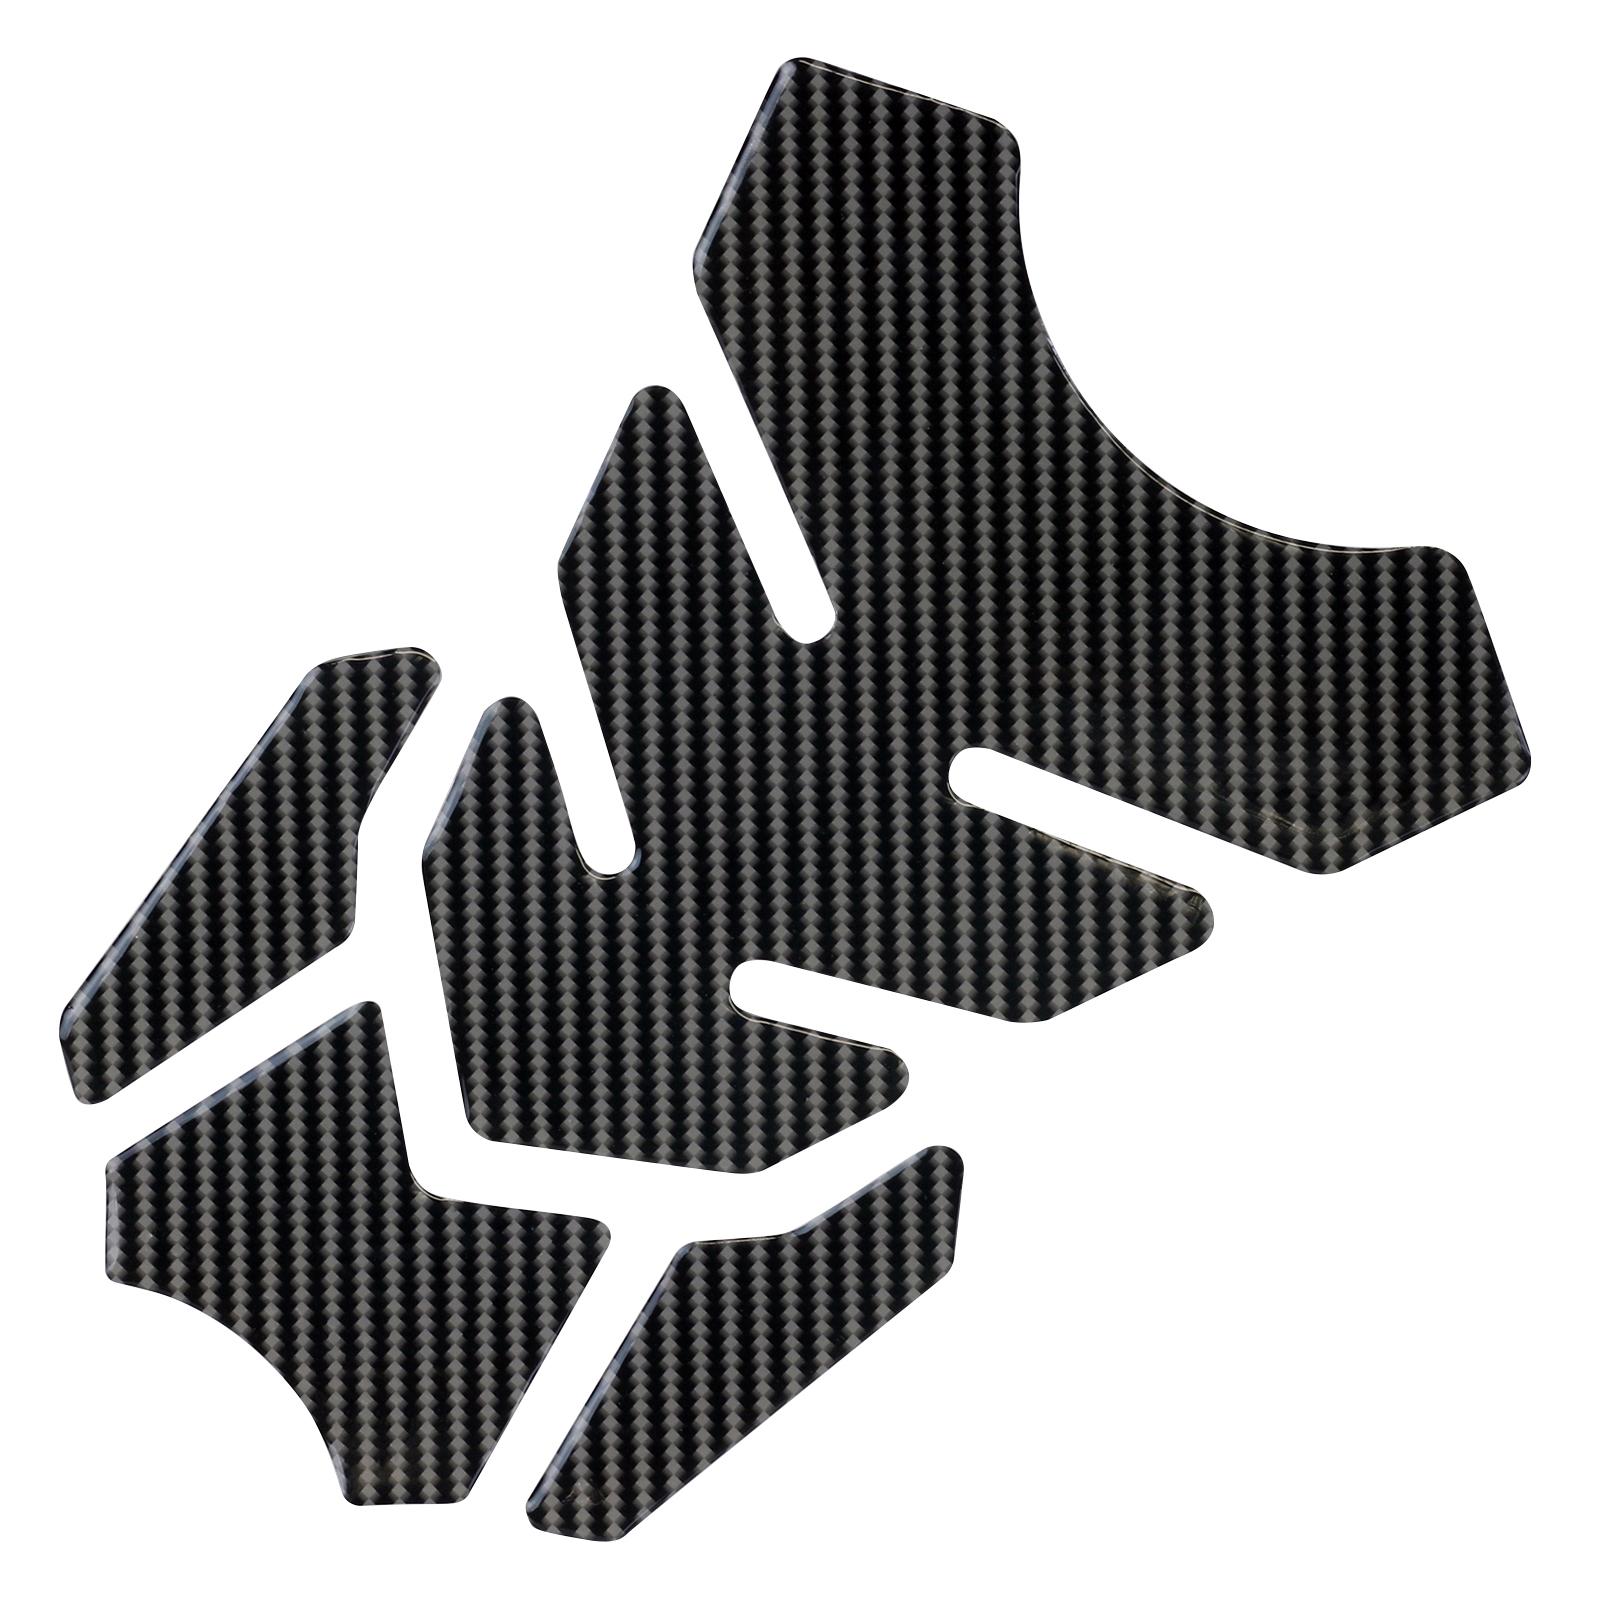 Prot/ège R/éservoir mod.basic adapt/é pour Moto Guzzi Norge